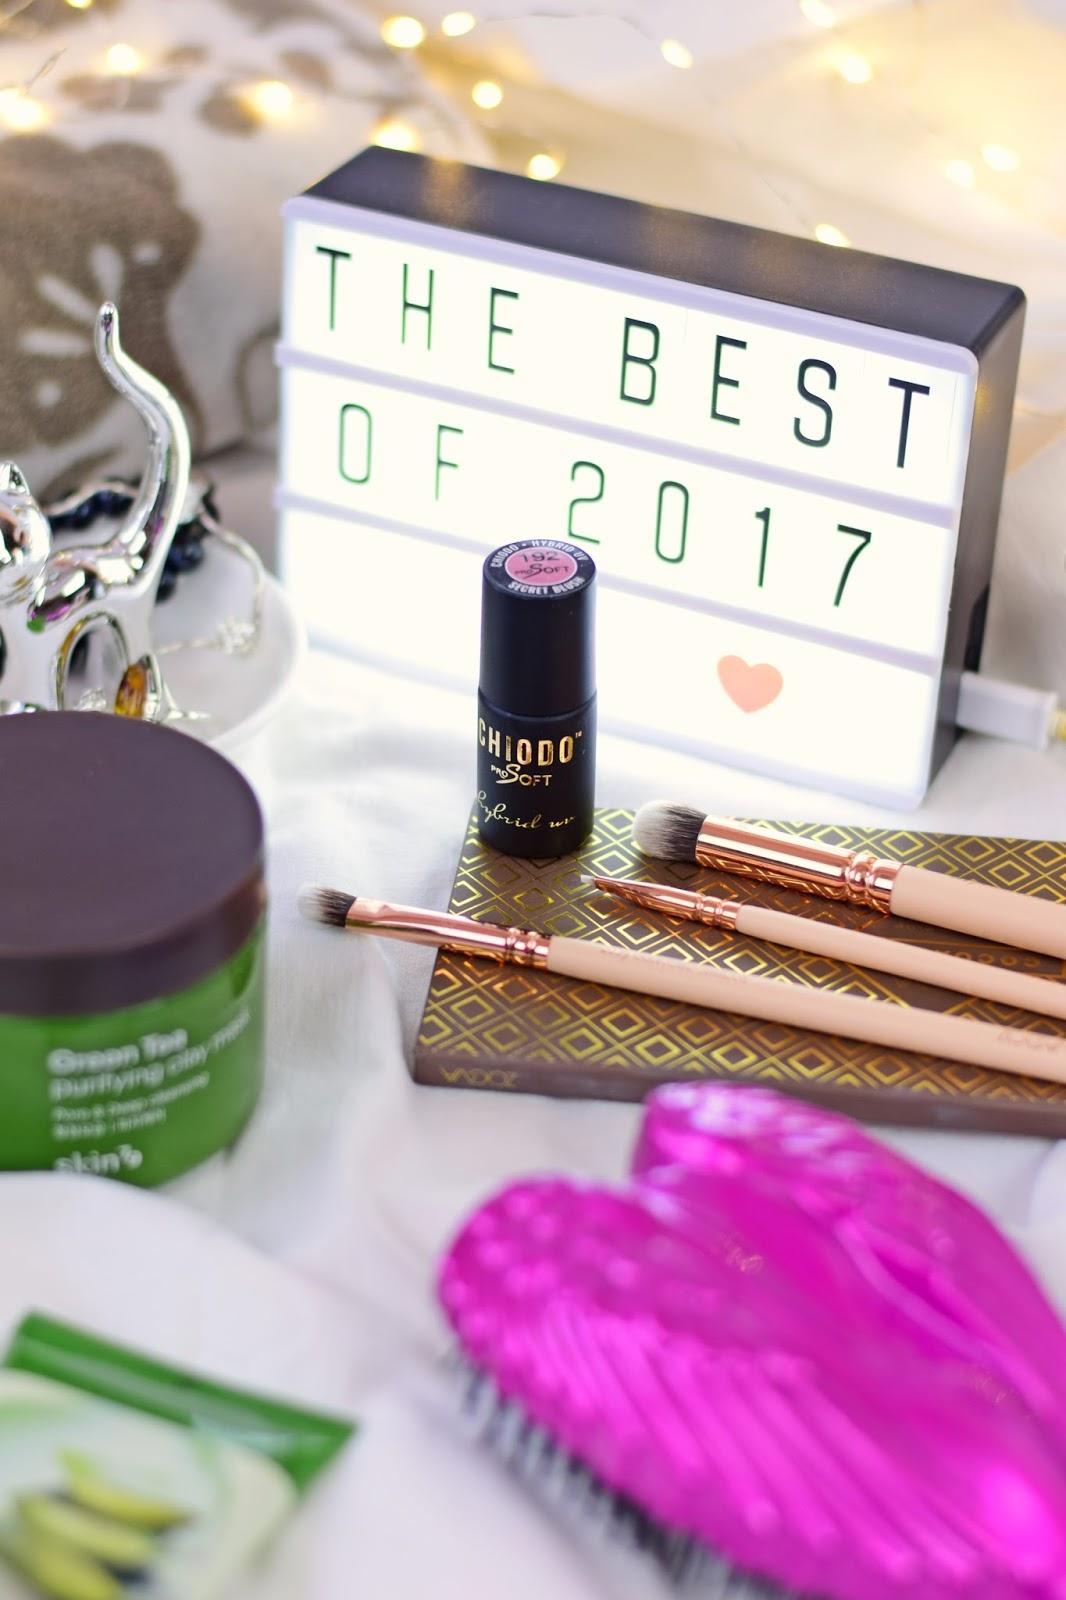 odkrycia_hity_kosmetyczne_najlepsze_kosmetyki_2017_roku_makijaż_pielęgnacja_włosy_paznokcie_gadżety_blog